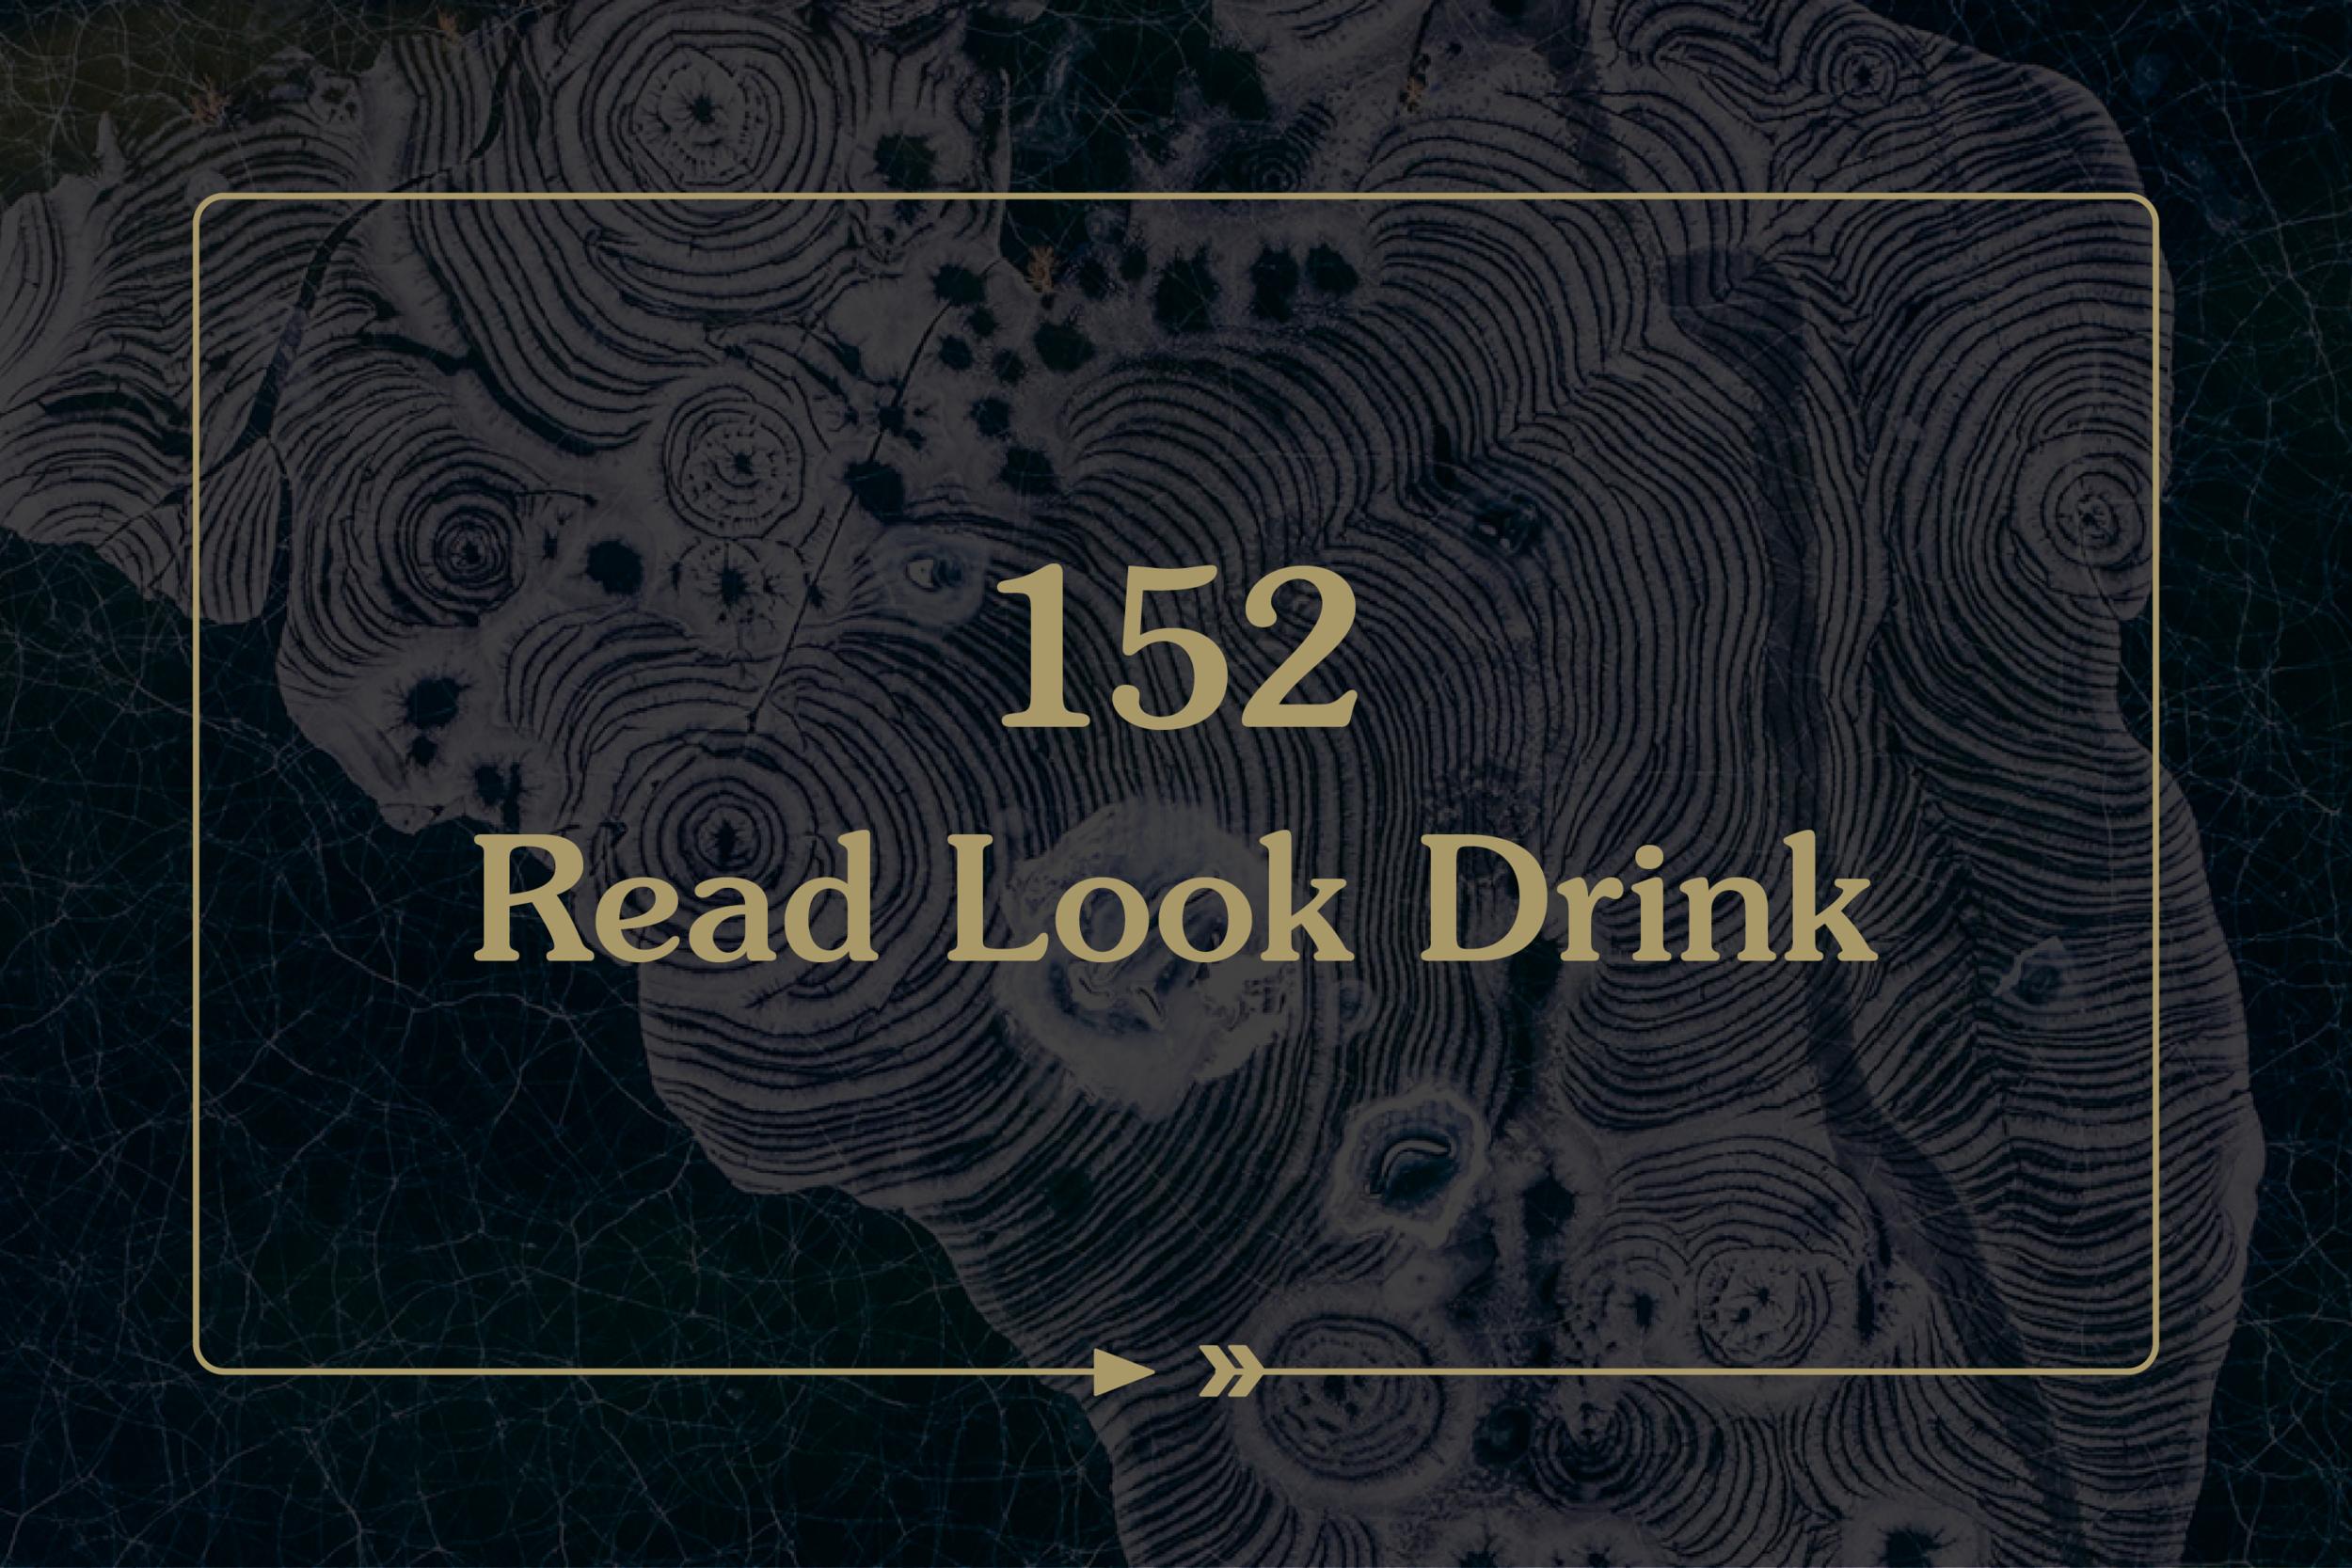 RLD_152 (1).png